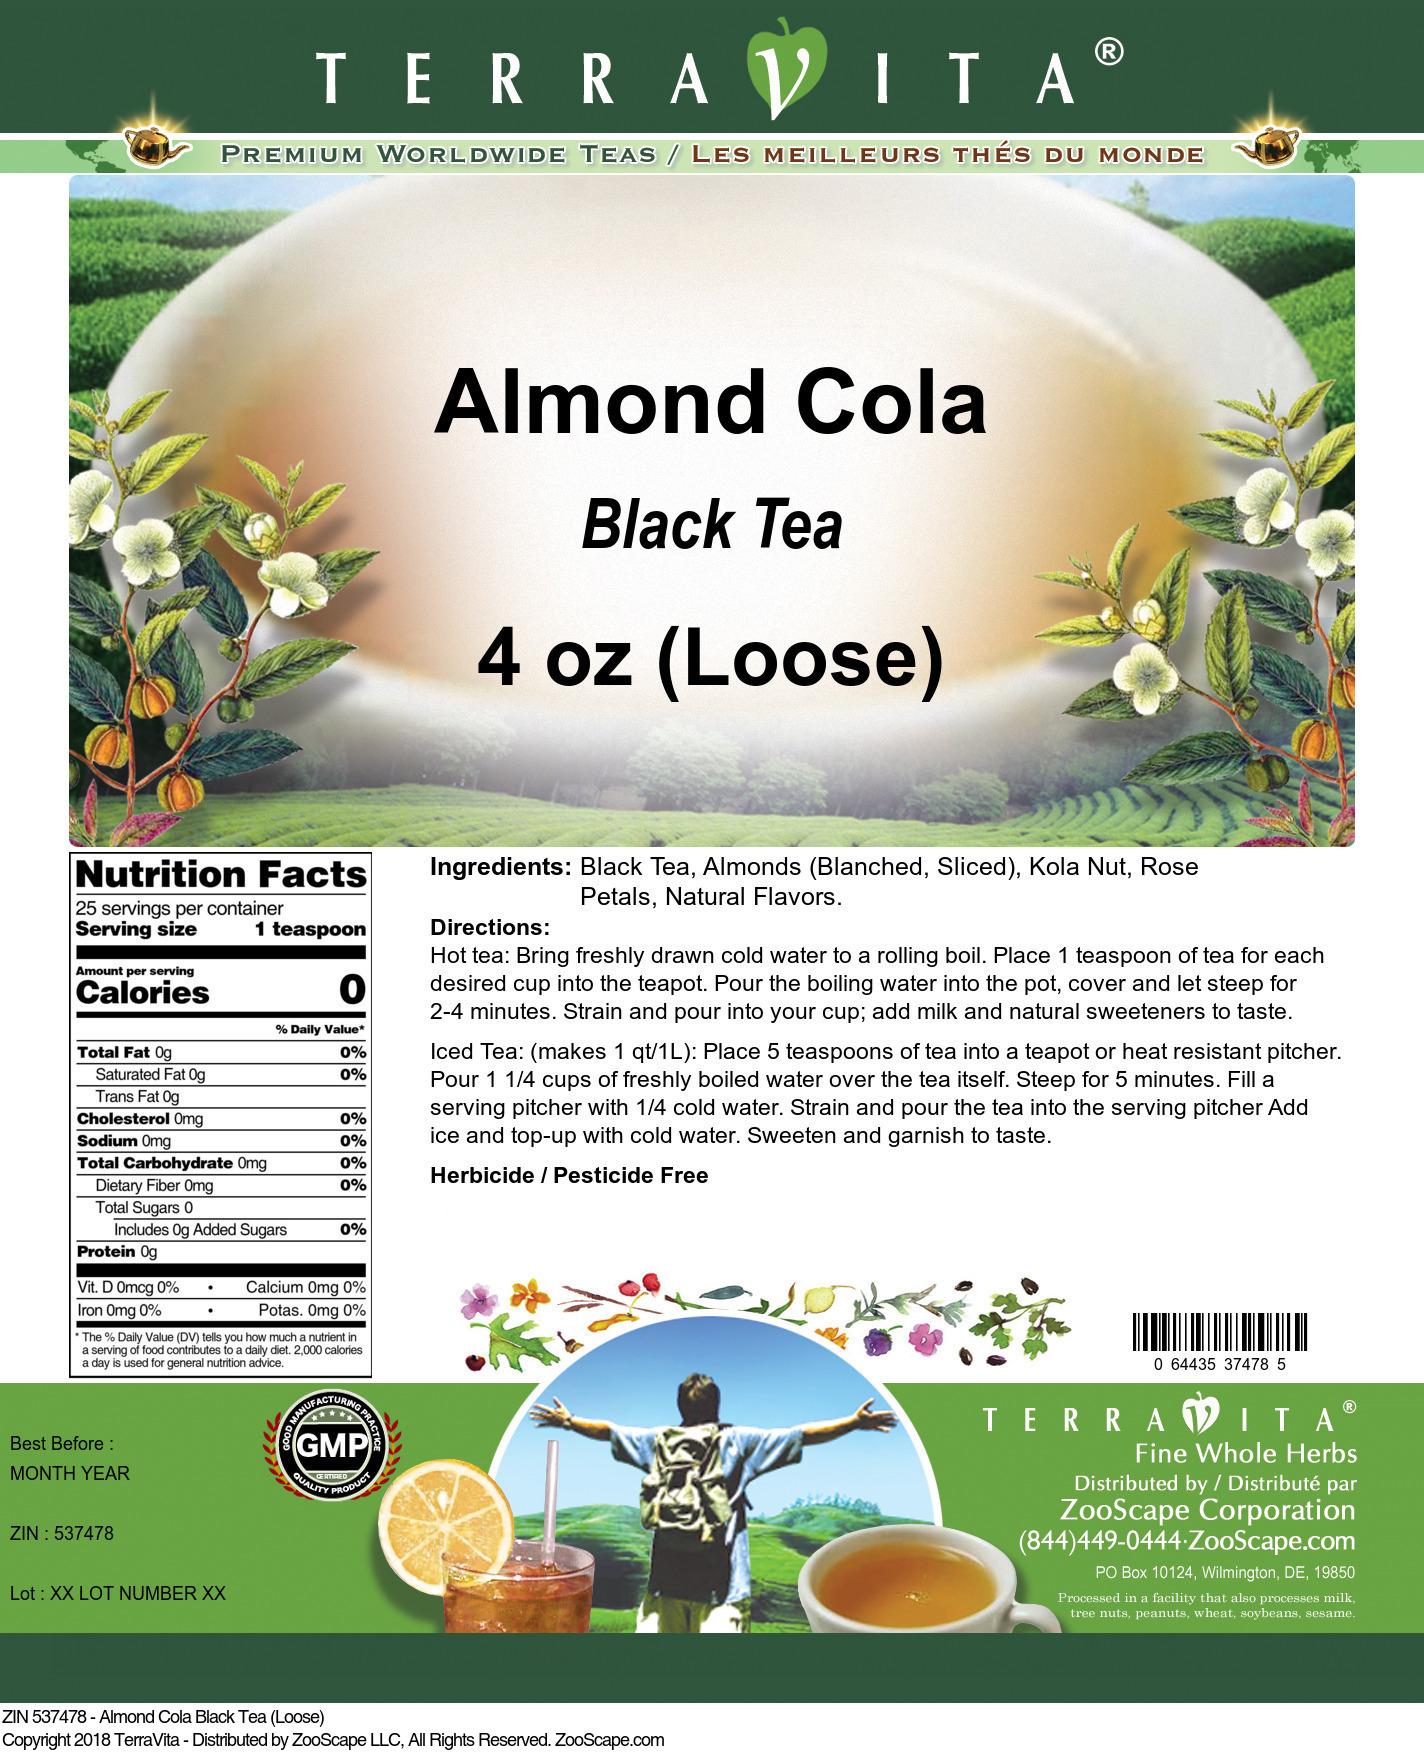 Almond Cola Black Tea (Loose)